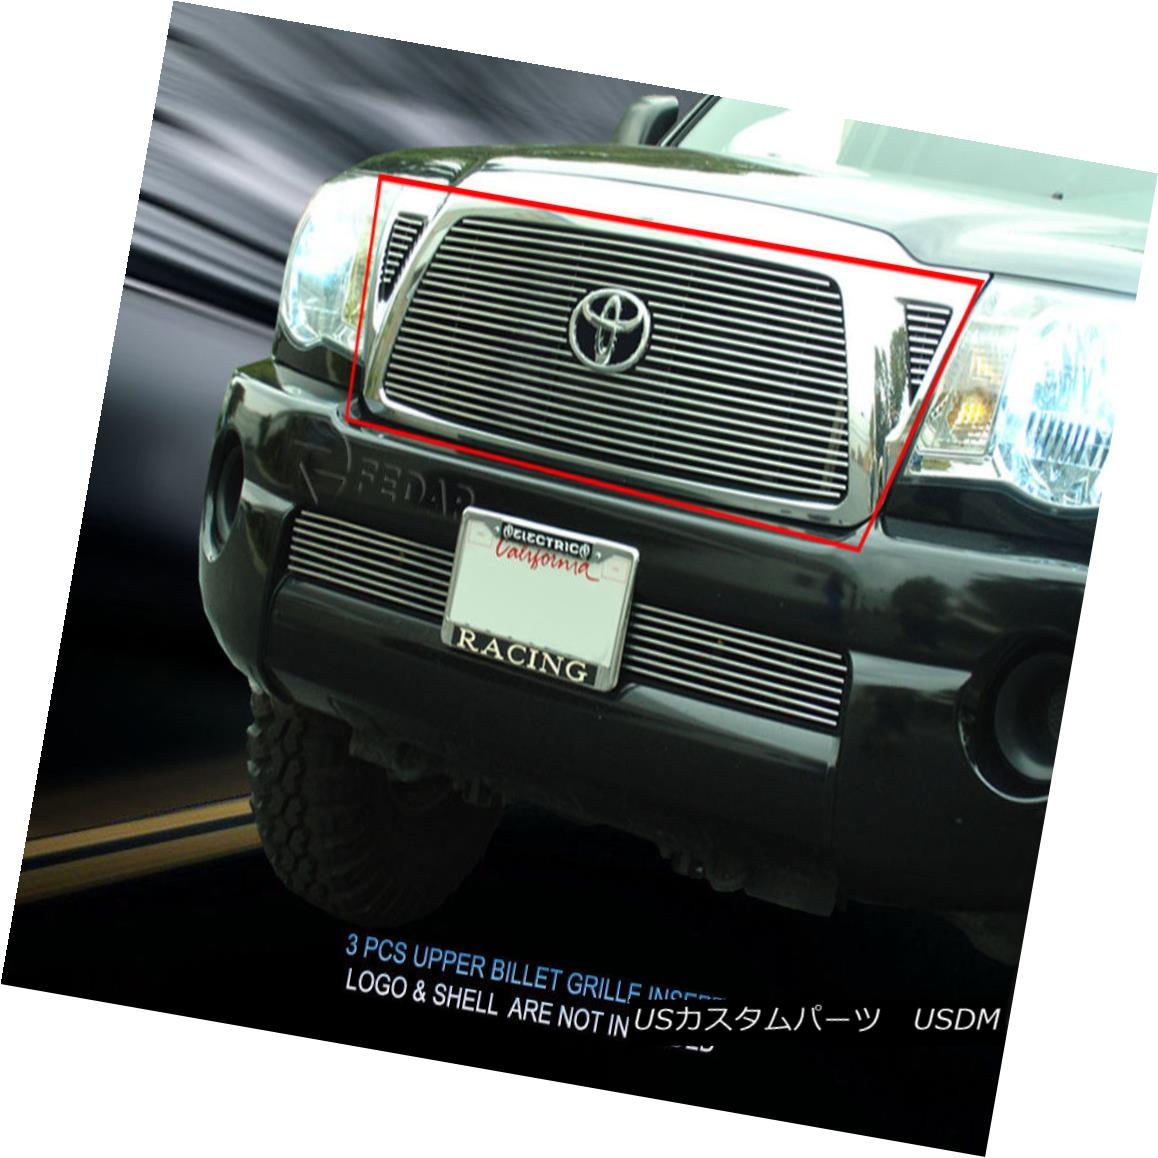 グリル Fedar Fits 2005-2010 Toyota Tacoma Polished Overlay Billet Grille Combo Insert Fedarは2005年から2010年にかけてToyota Tacoma研磨オーバーレイビレットグリルコンボインサート